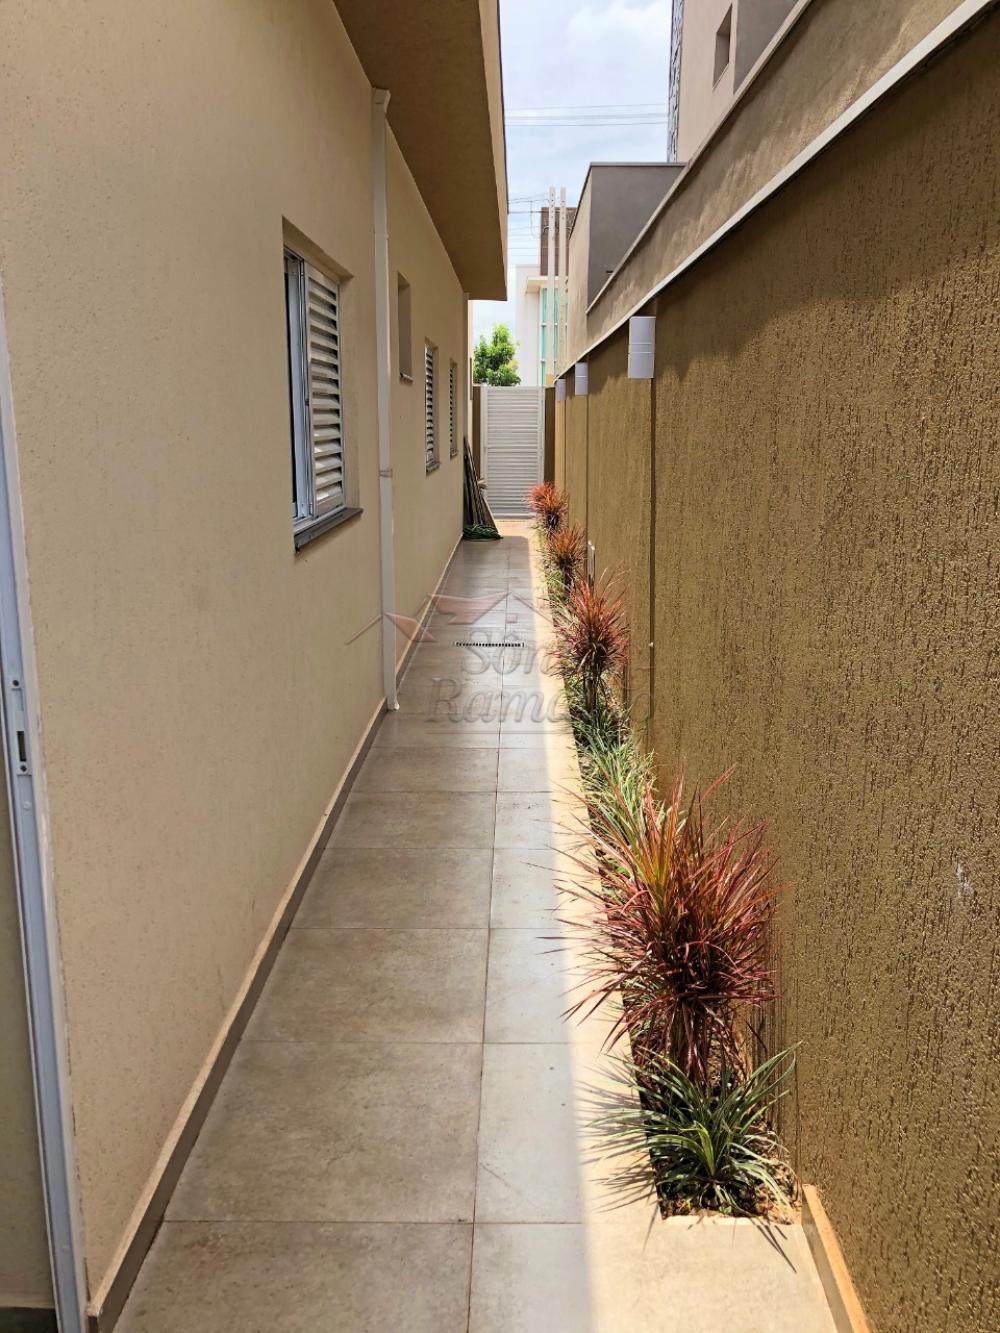 Comprar Casas / Condomínio em Ribeirão Preto apenas R$ 690.000,00 - Foto 20